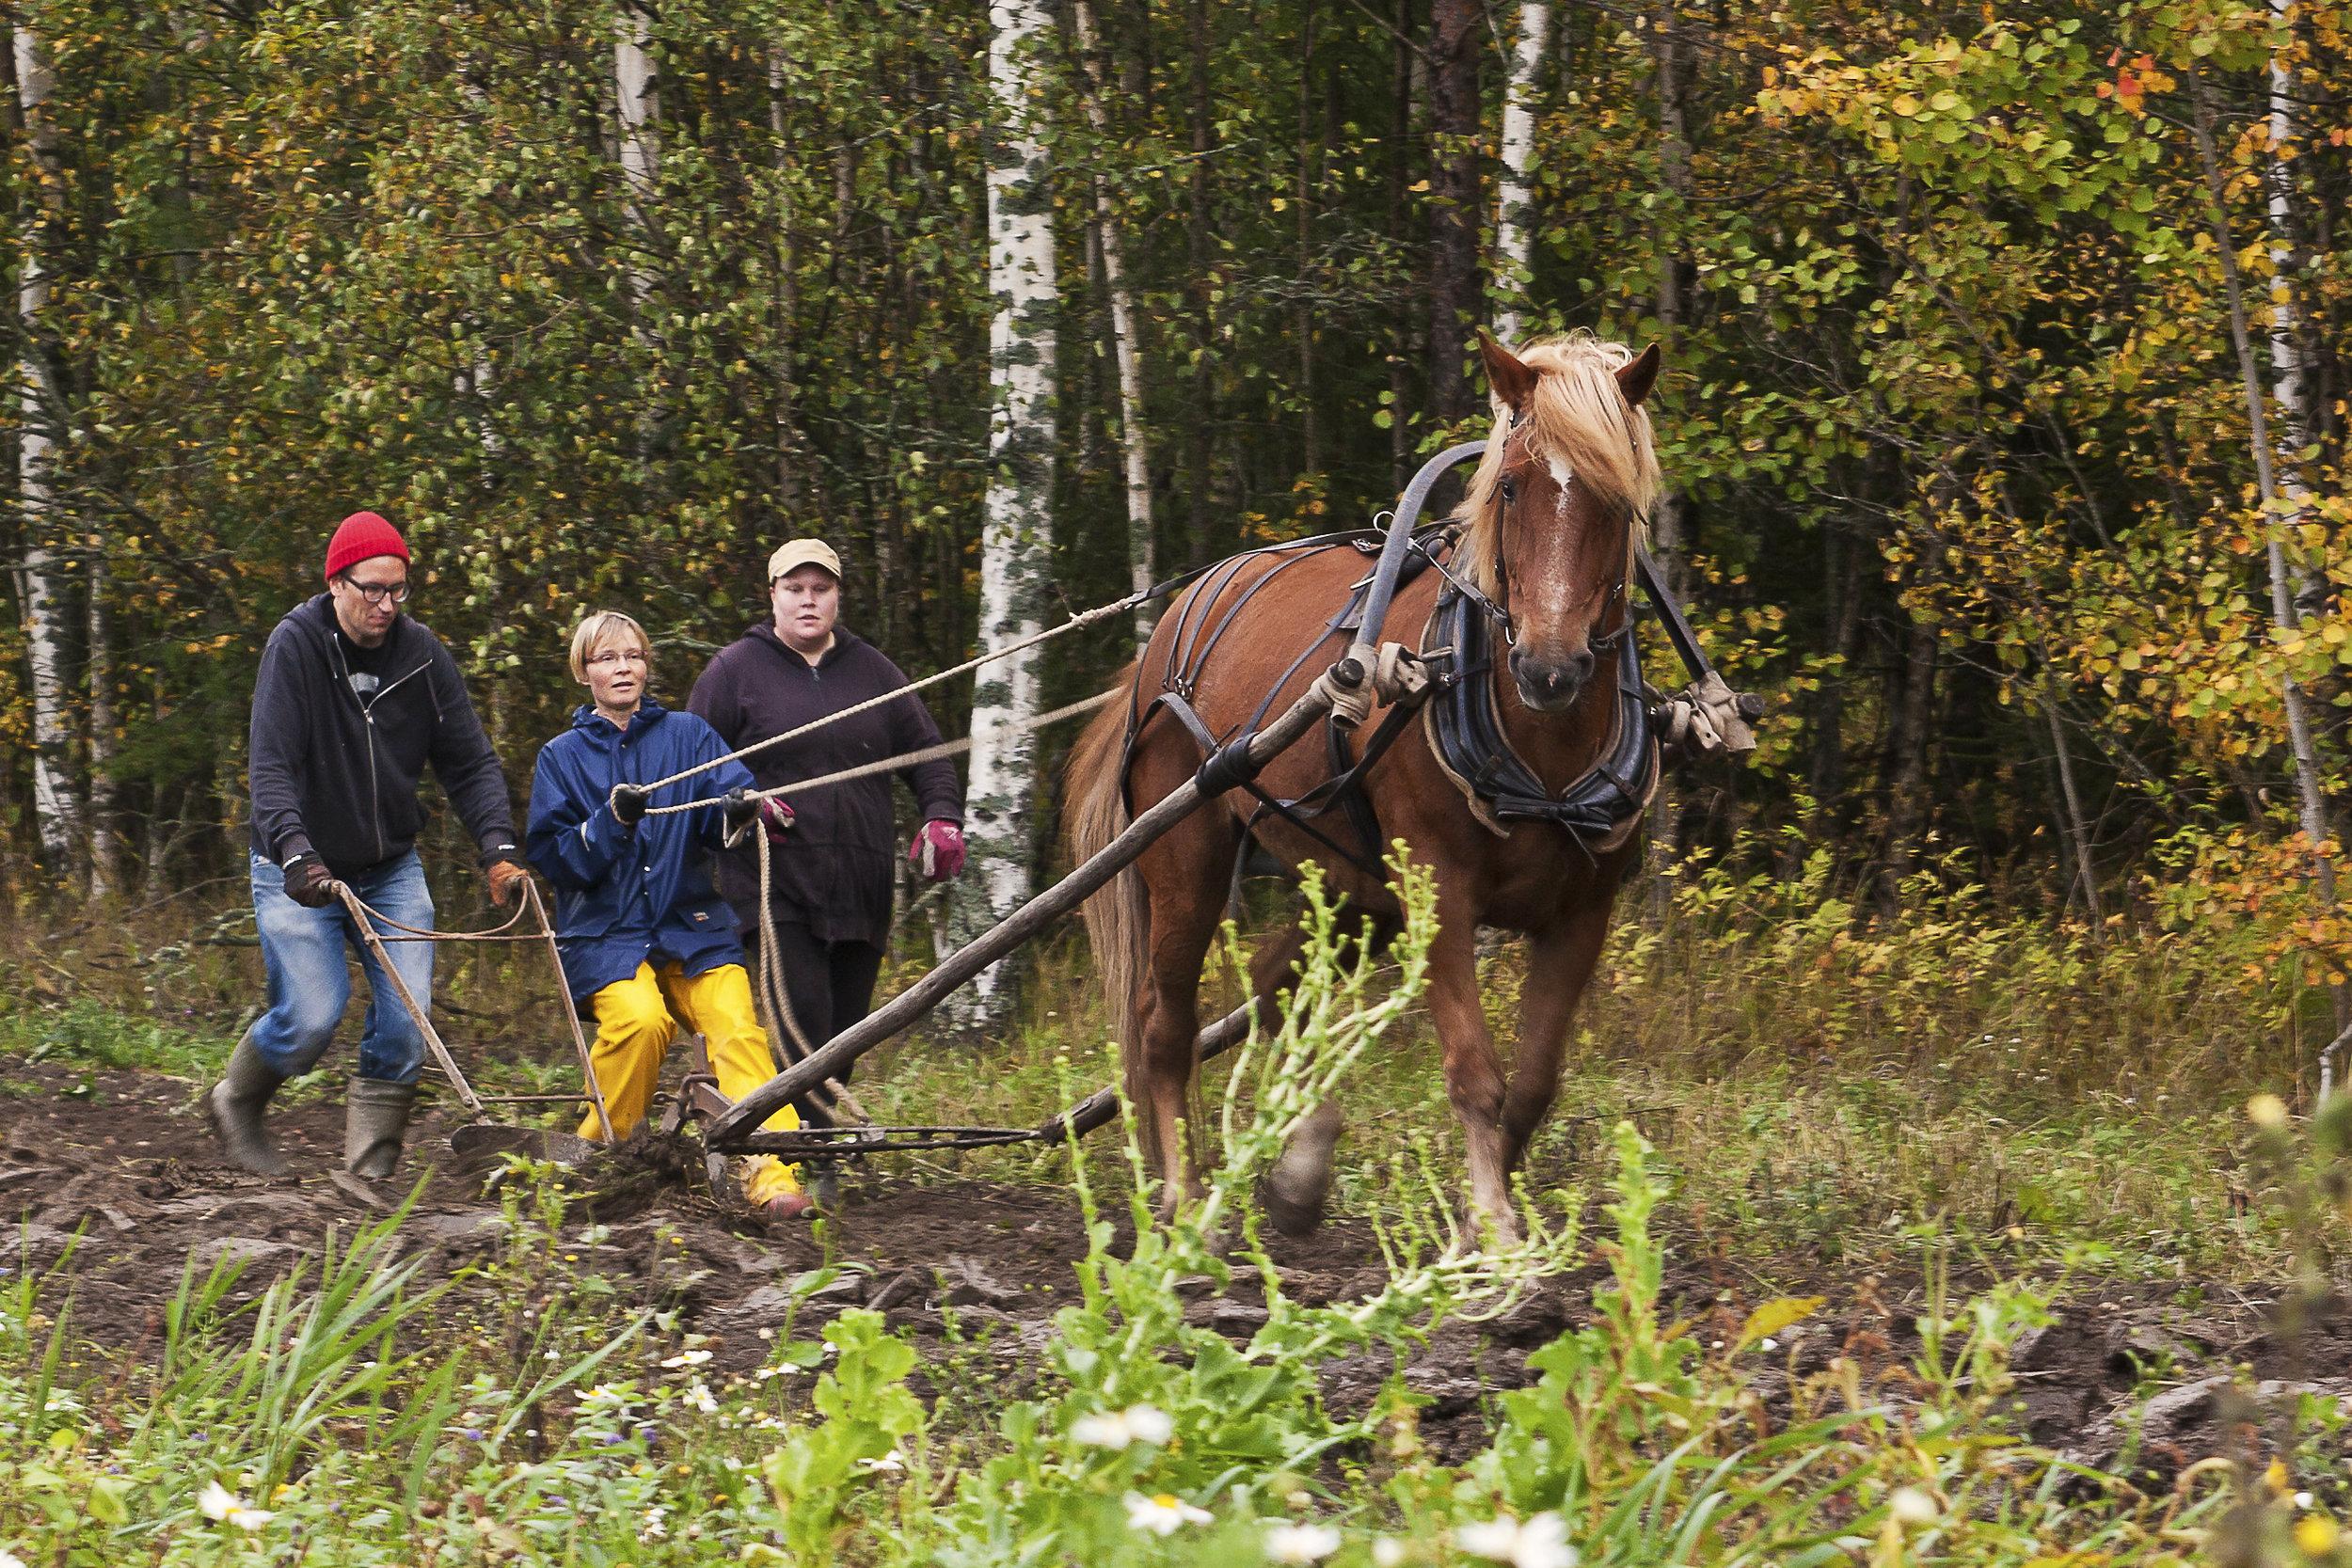 Työhevonen Uuras oli ensi kertaa pellolla. Saimme kokeilla äestystä ja kyntöä hevosella.